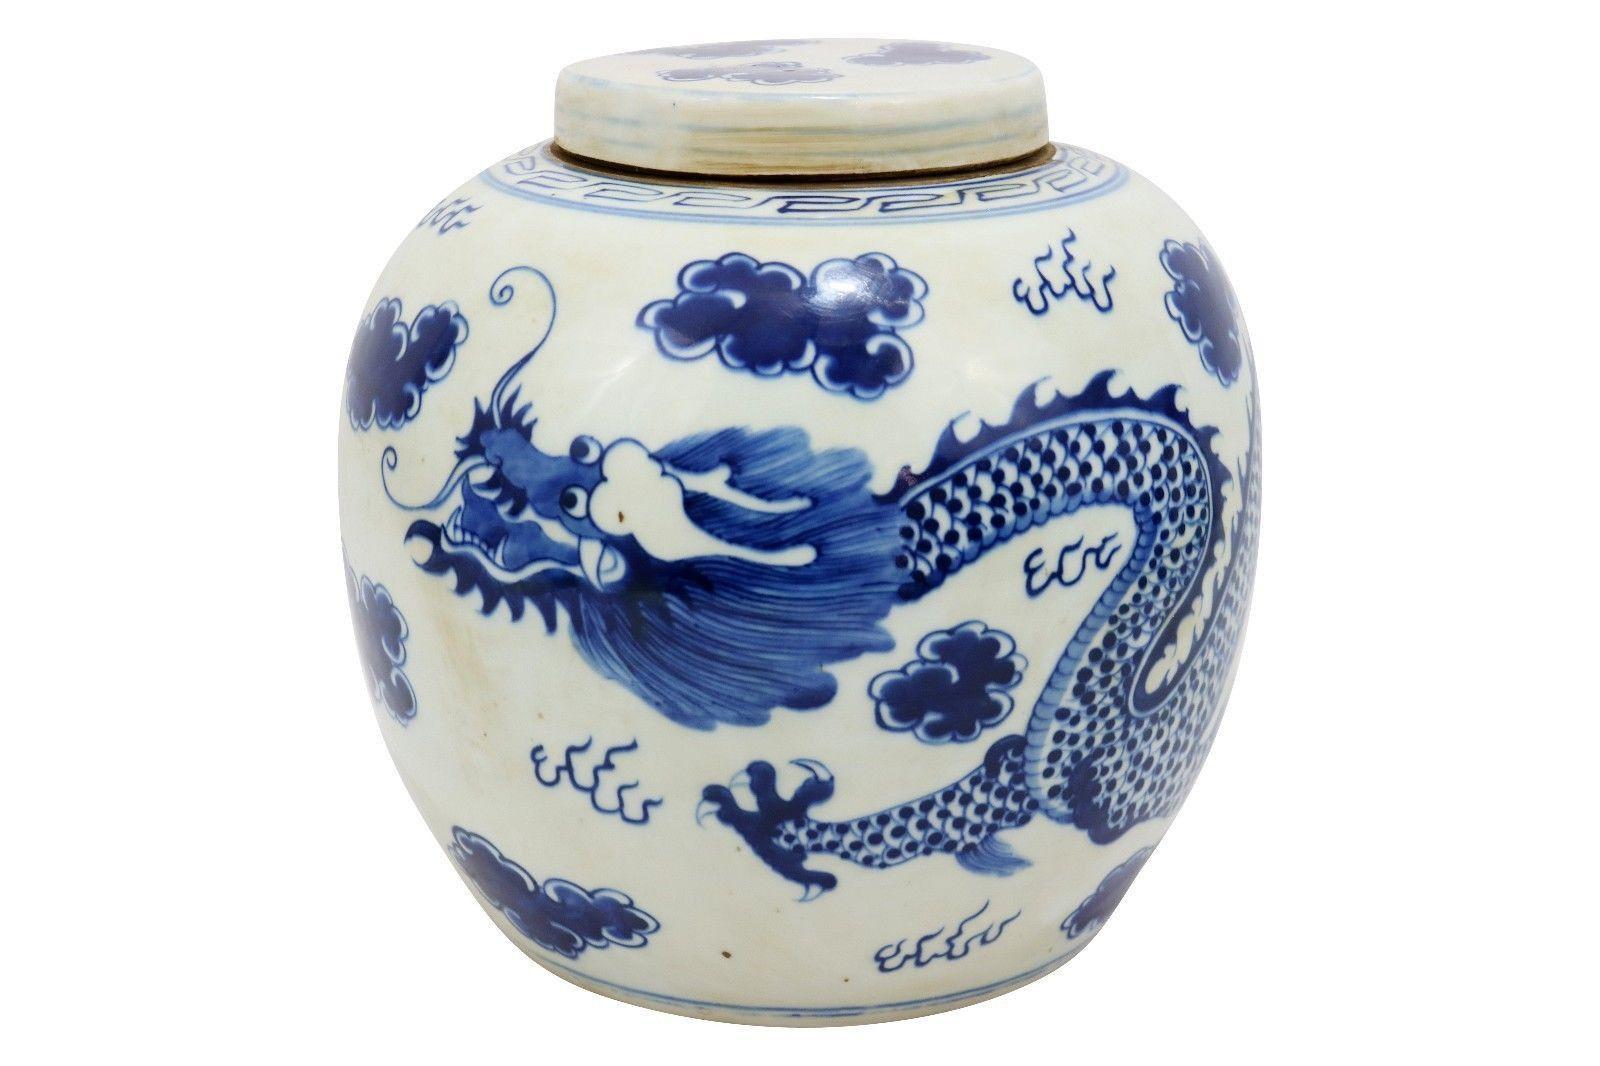 blue white ginger jar vases of vintage style blue and white porcelain lidded ginger jar dragon for vintage style blue and white porcelain lidded ginger jar dragon motif 12